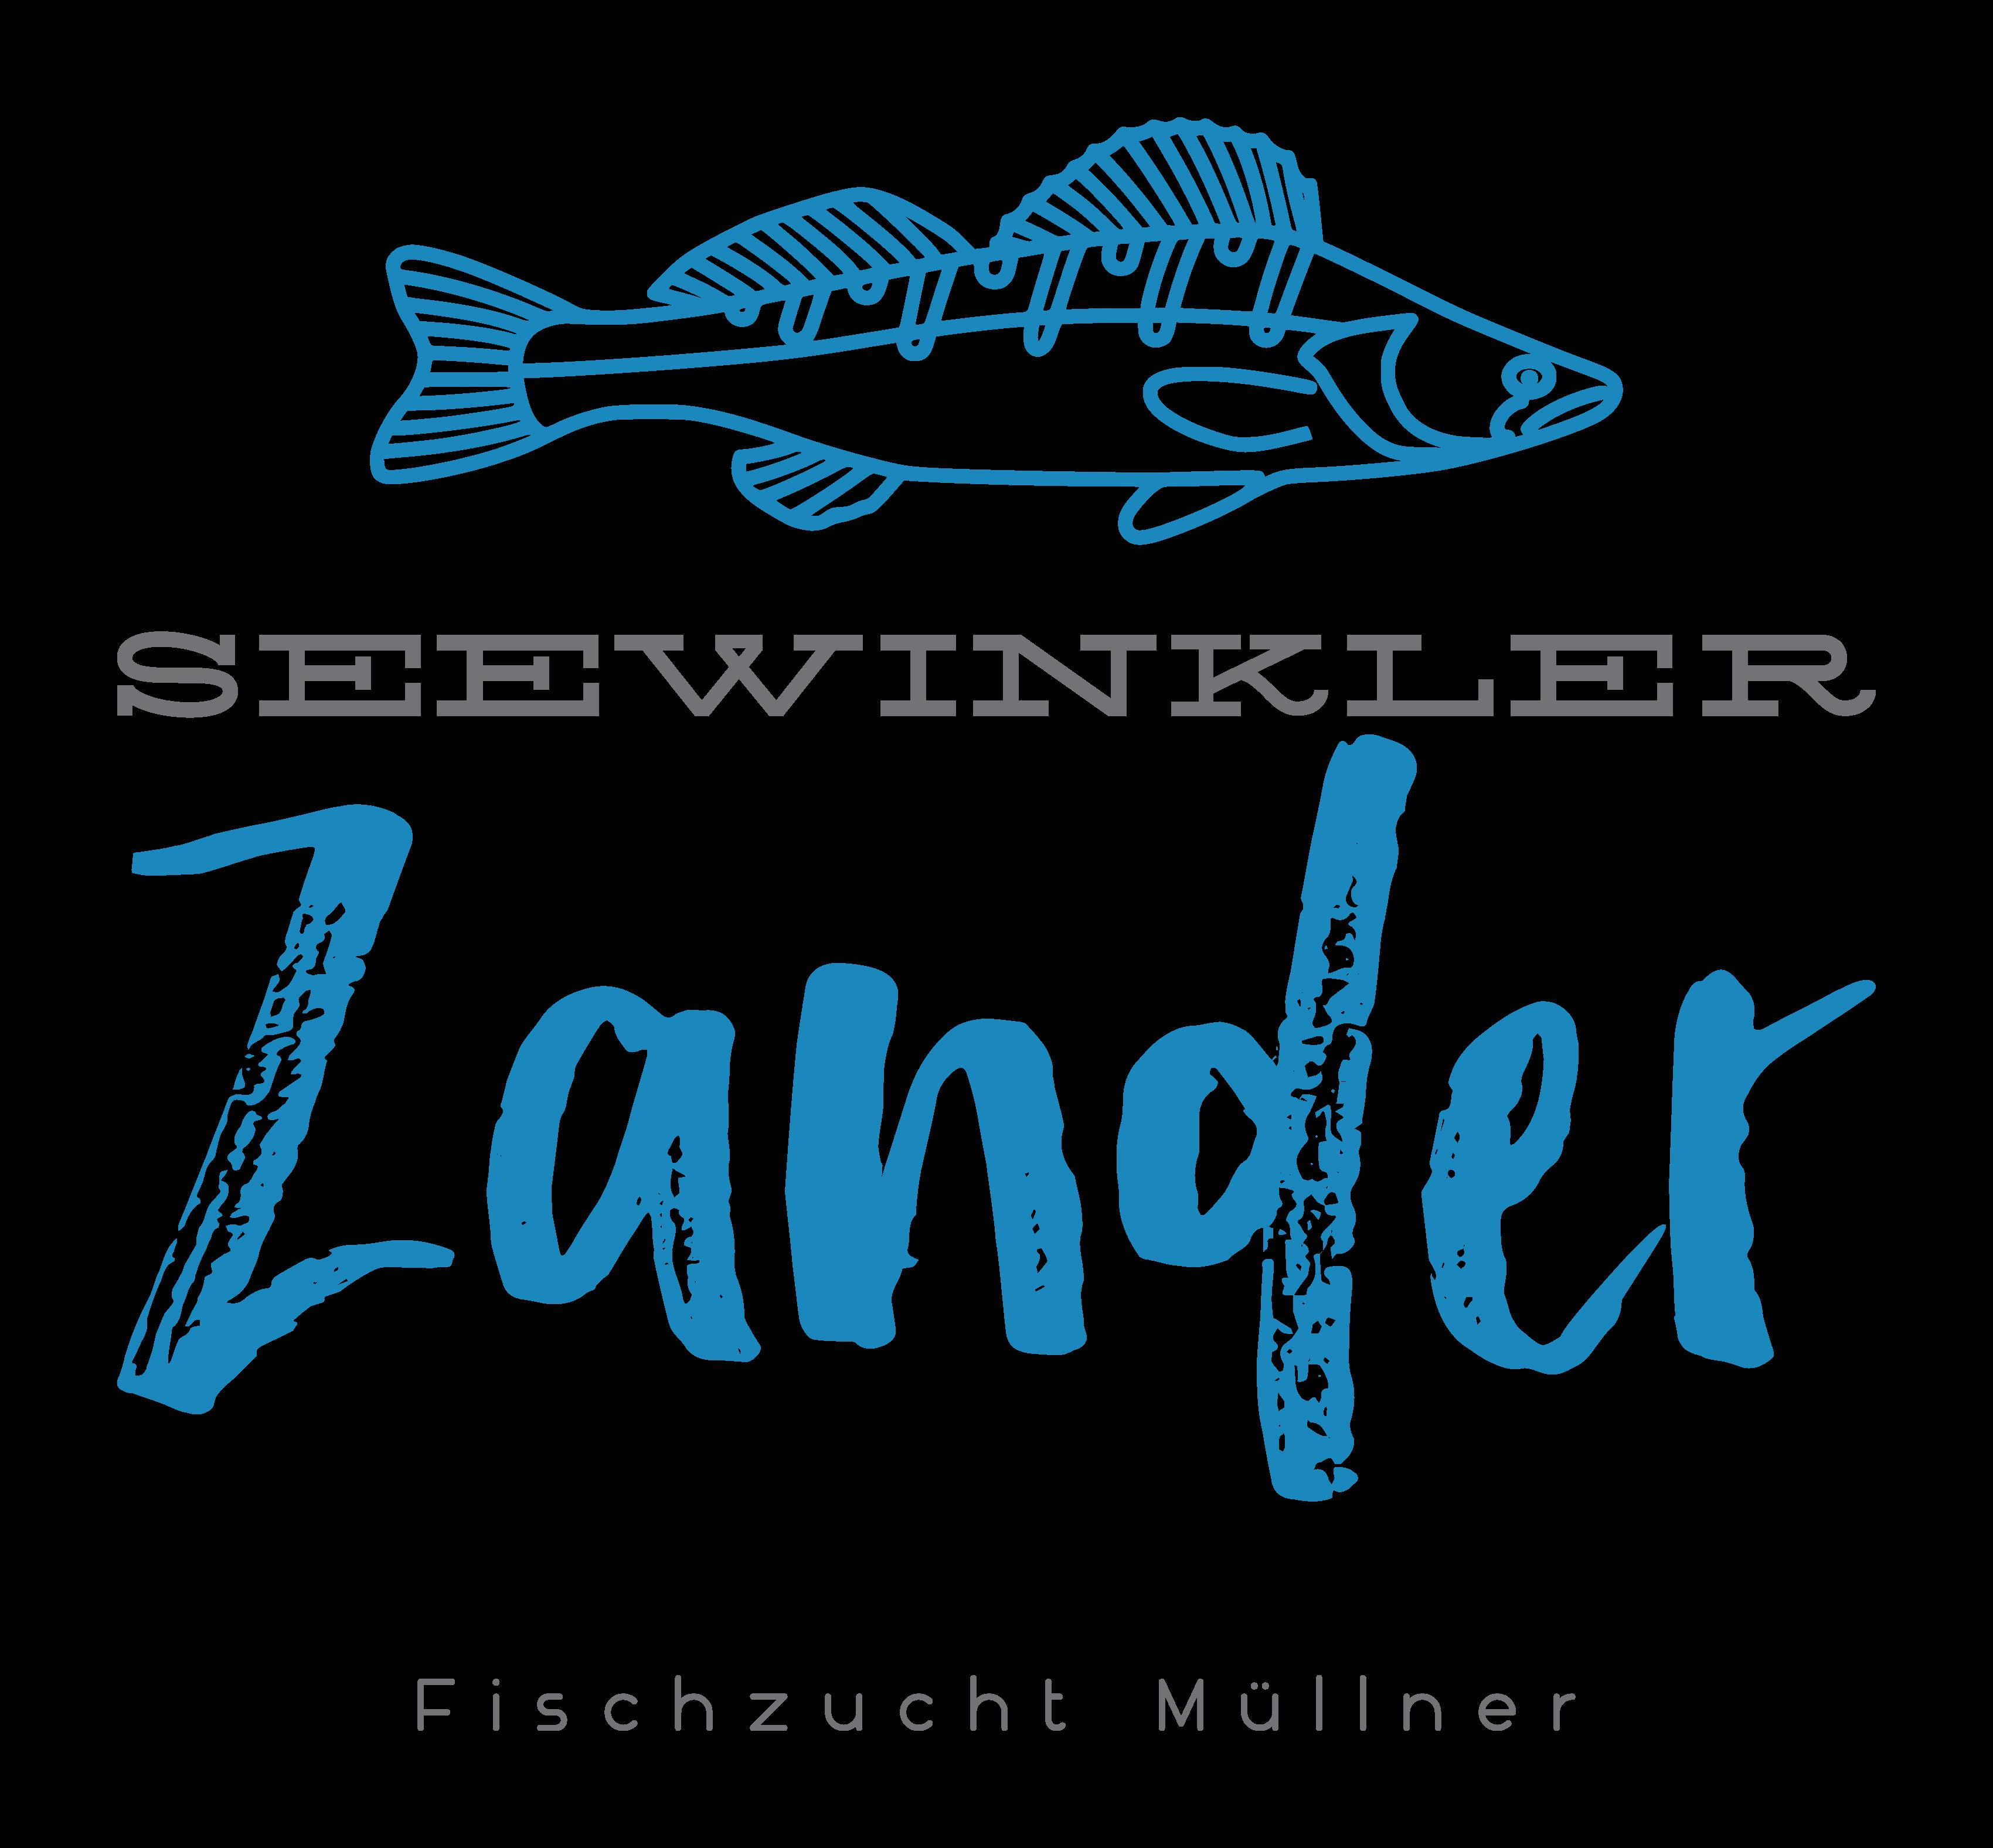 Seewinkler Zander